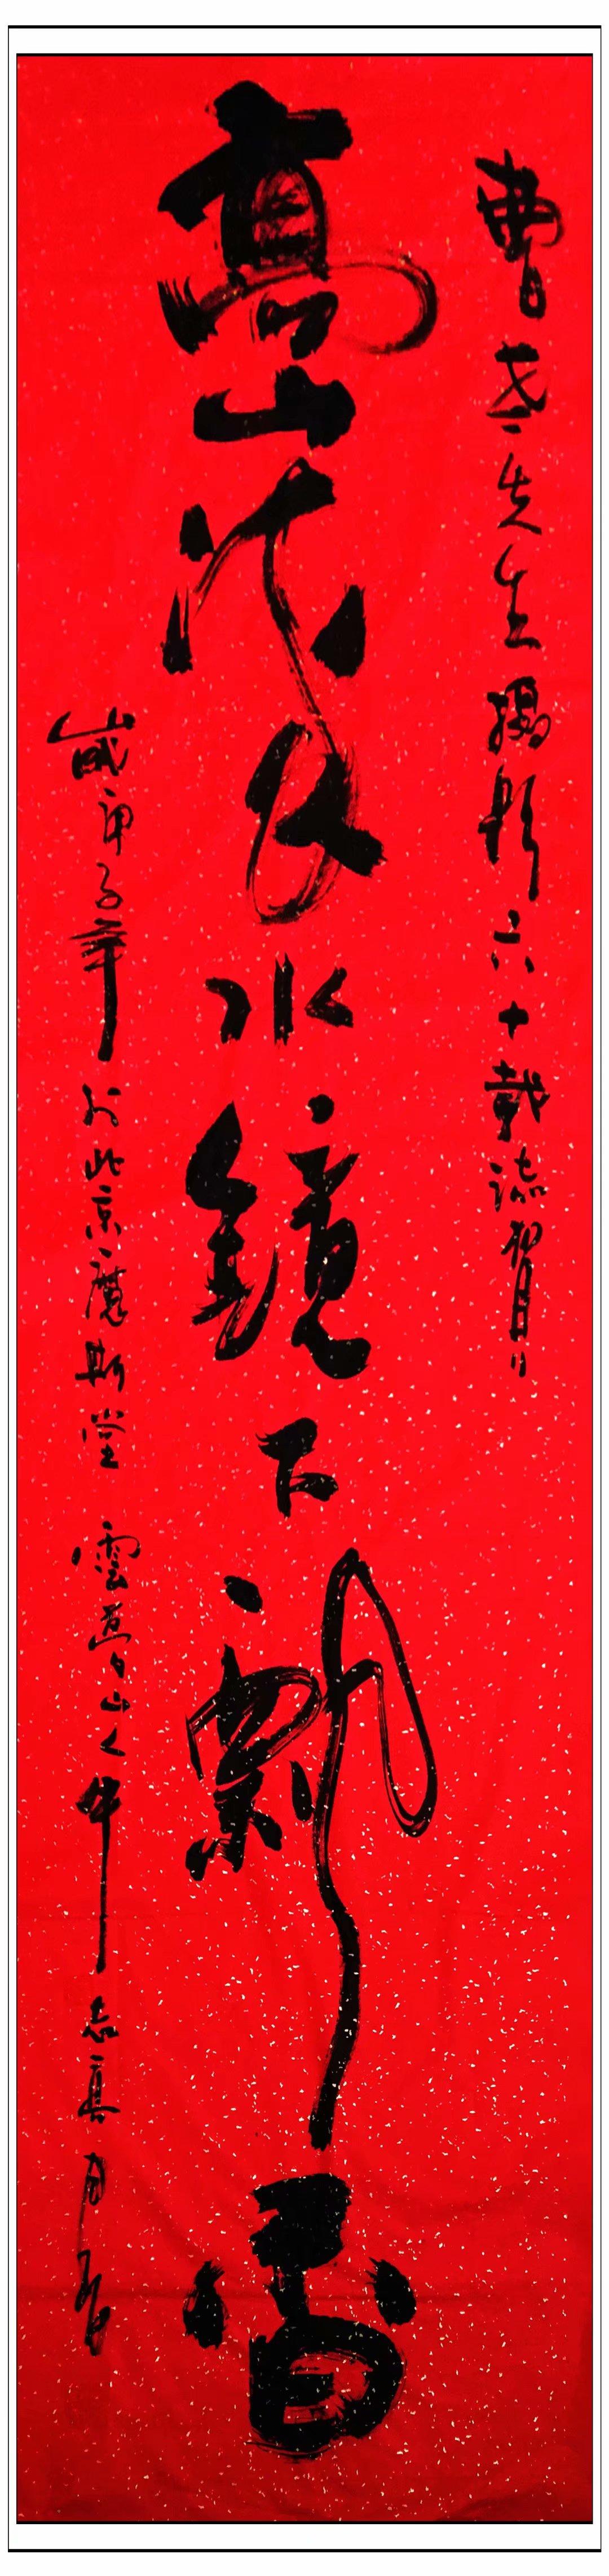 牛志高书法----2020.11.25_图1-2